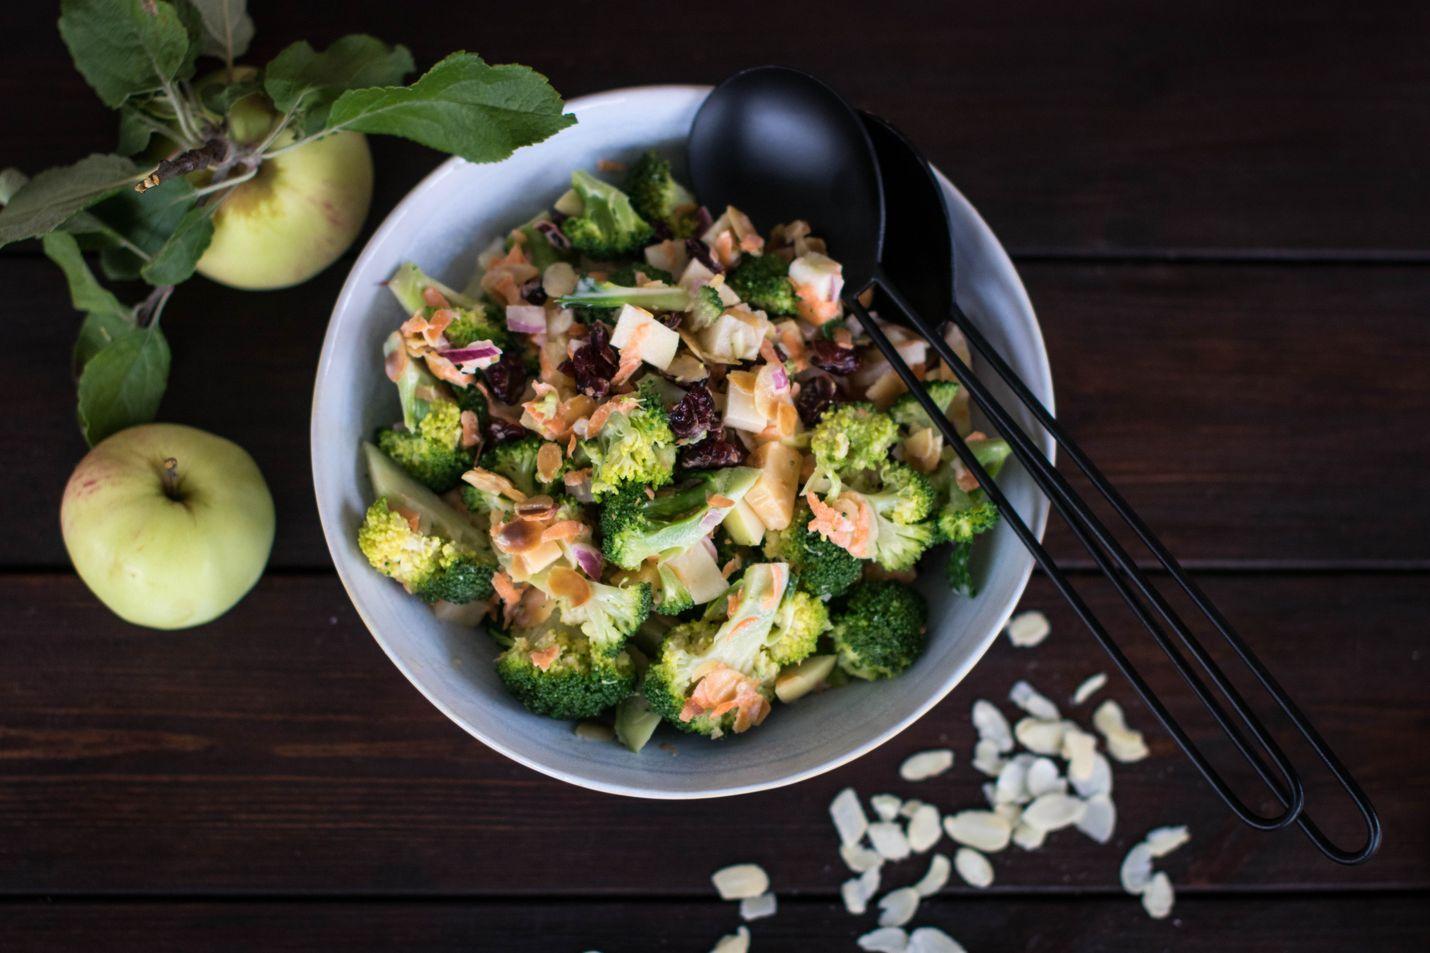 Rapeana rouskuva omena-parsakaalisalaatti on syksyn suosikki. Vaihtelua siihen saat kokeilemalla erilaisia juustoja ja pähkinöitä. Vegaaniversio valmistuu käyttämällä kastikkeena vegaanista piparjuurimajoneesia ja jättämällä juusto pois.